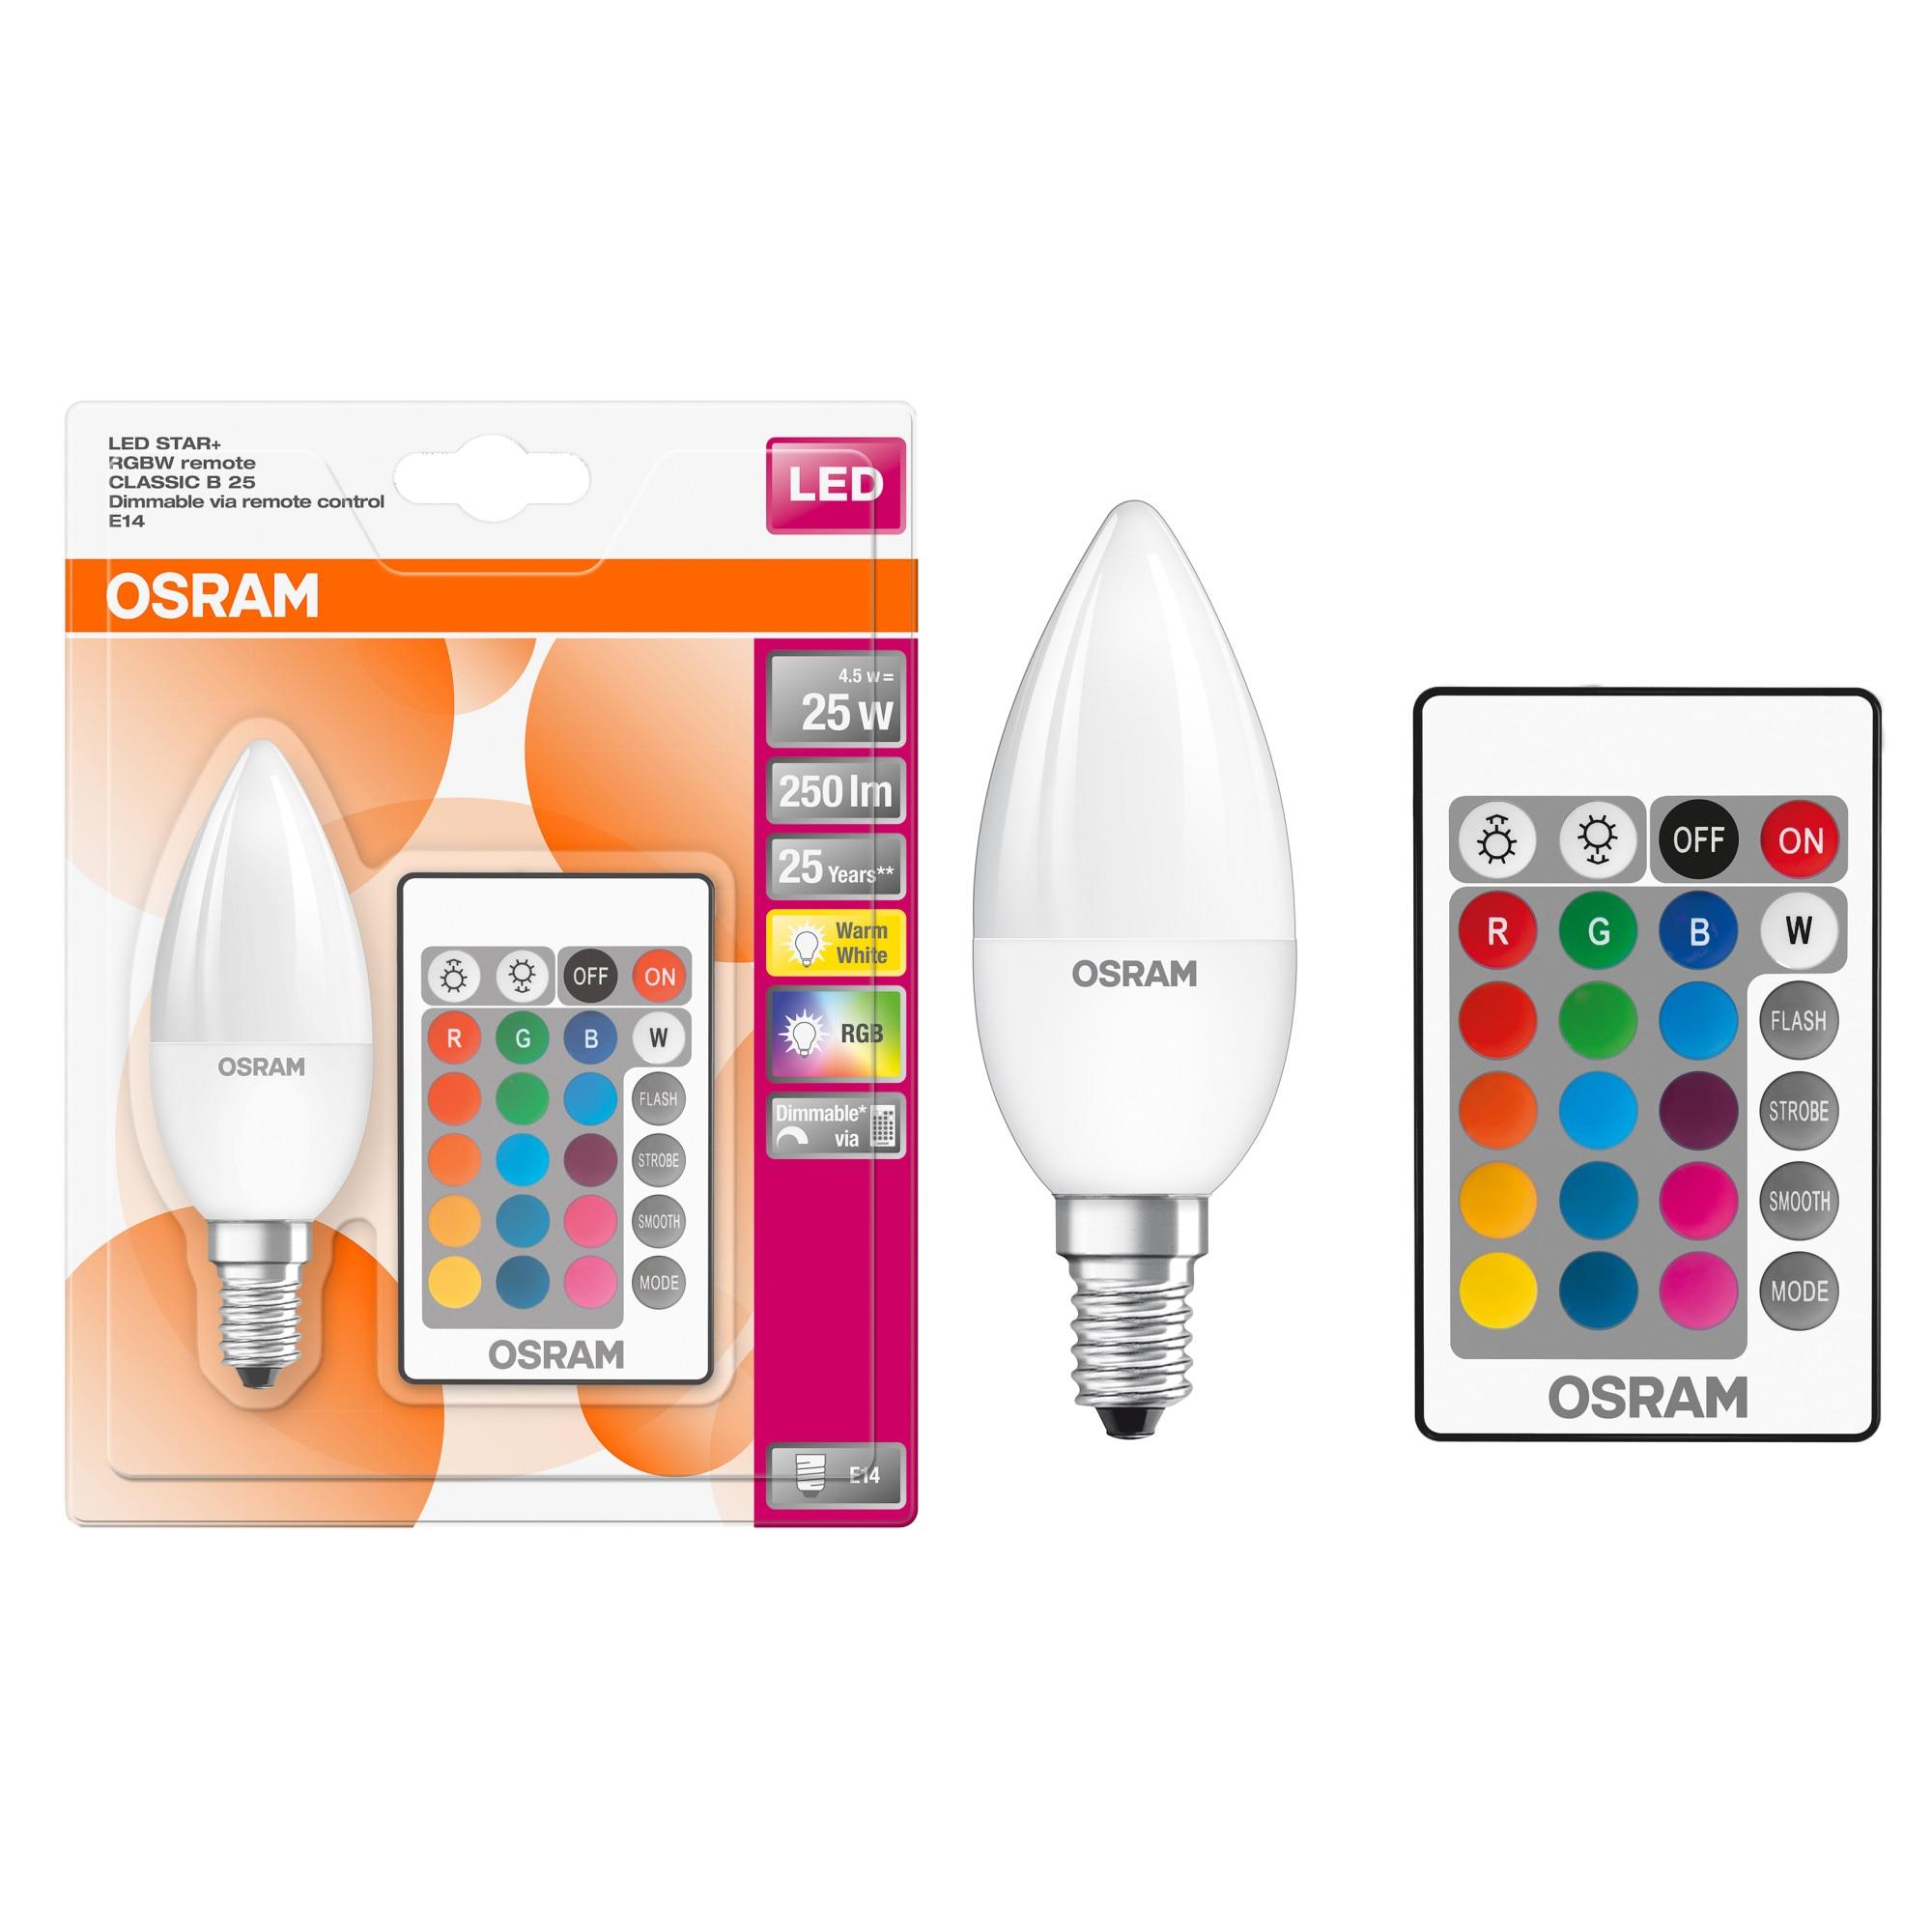 Bec LED RGBW cu telecomanda Osram Star, E14, 4.5W (45W), 250 lm, dimabil, A+, lumina alba si colorat